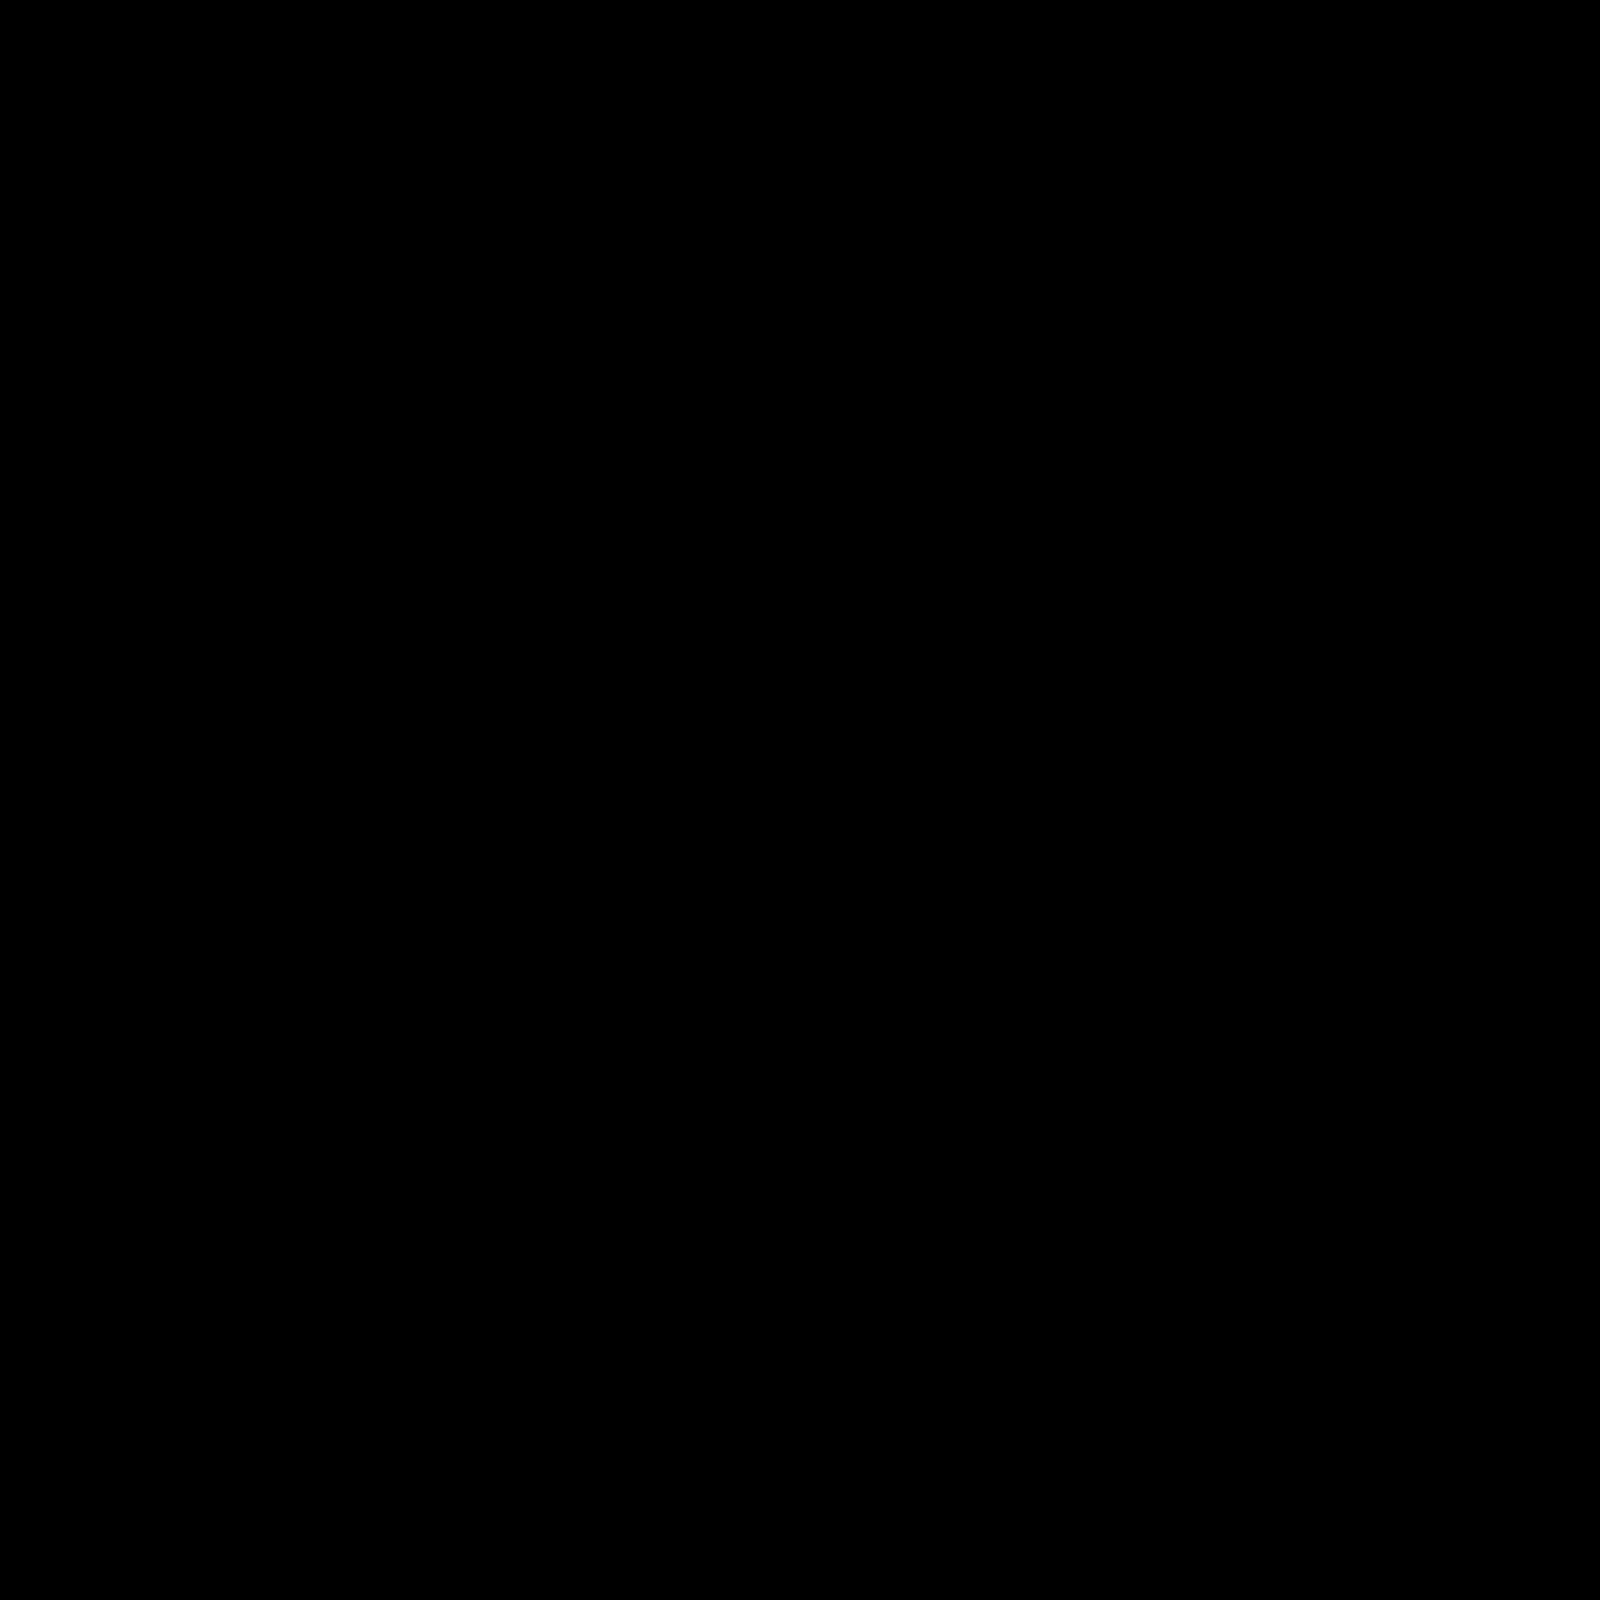 Ugięcie wałka rolkowego icon